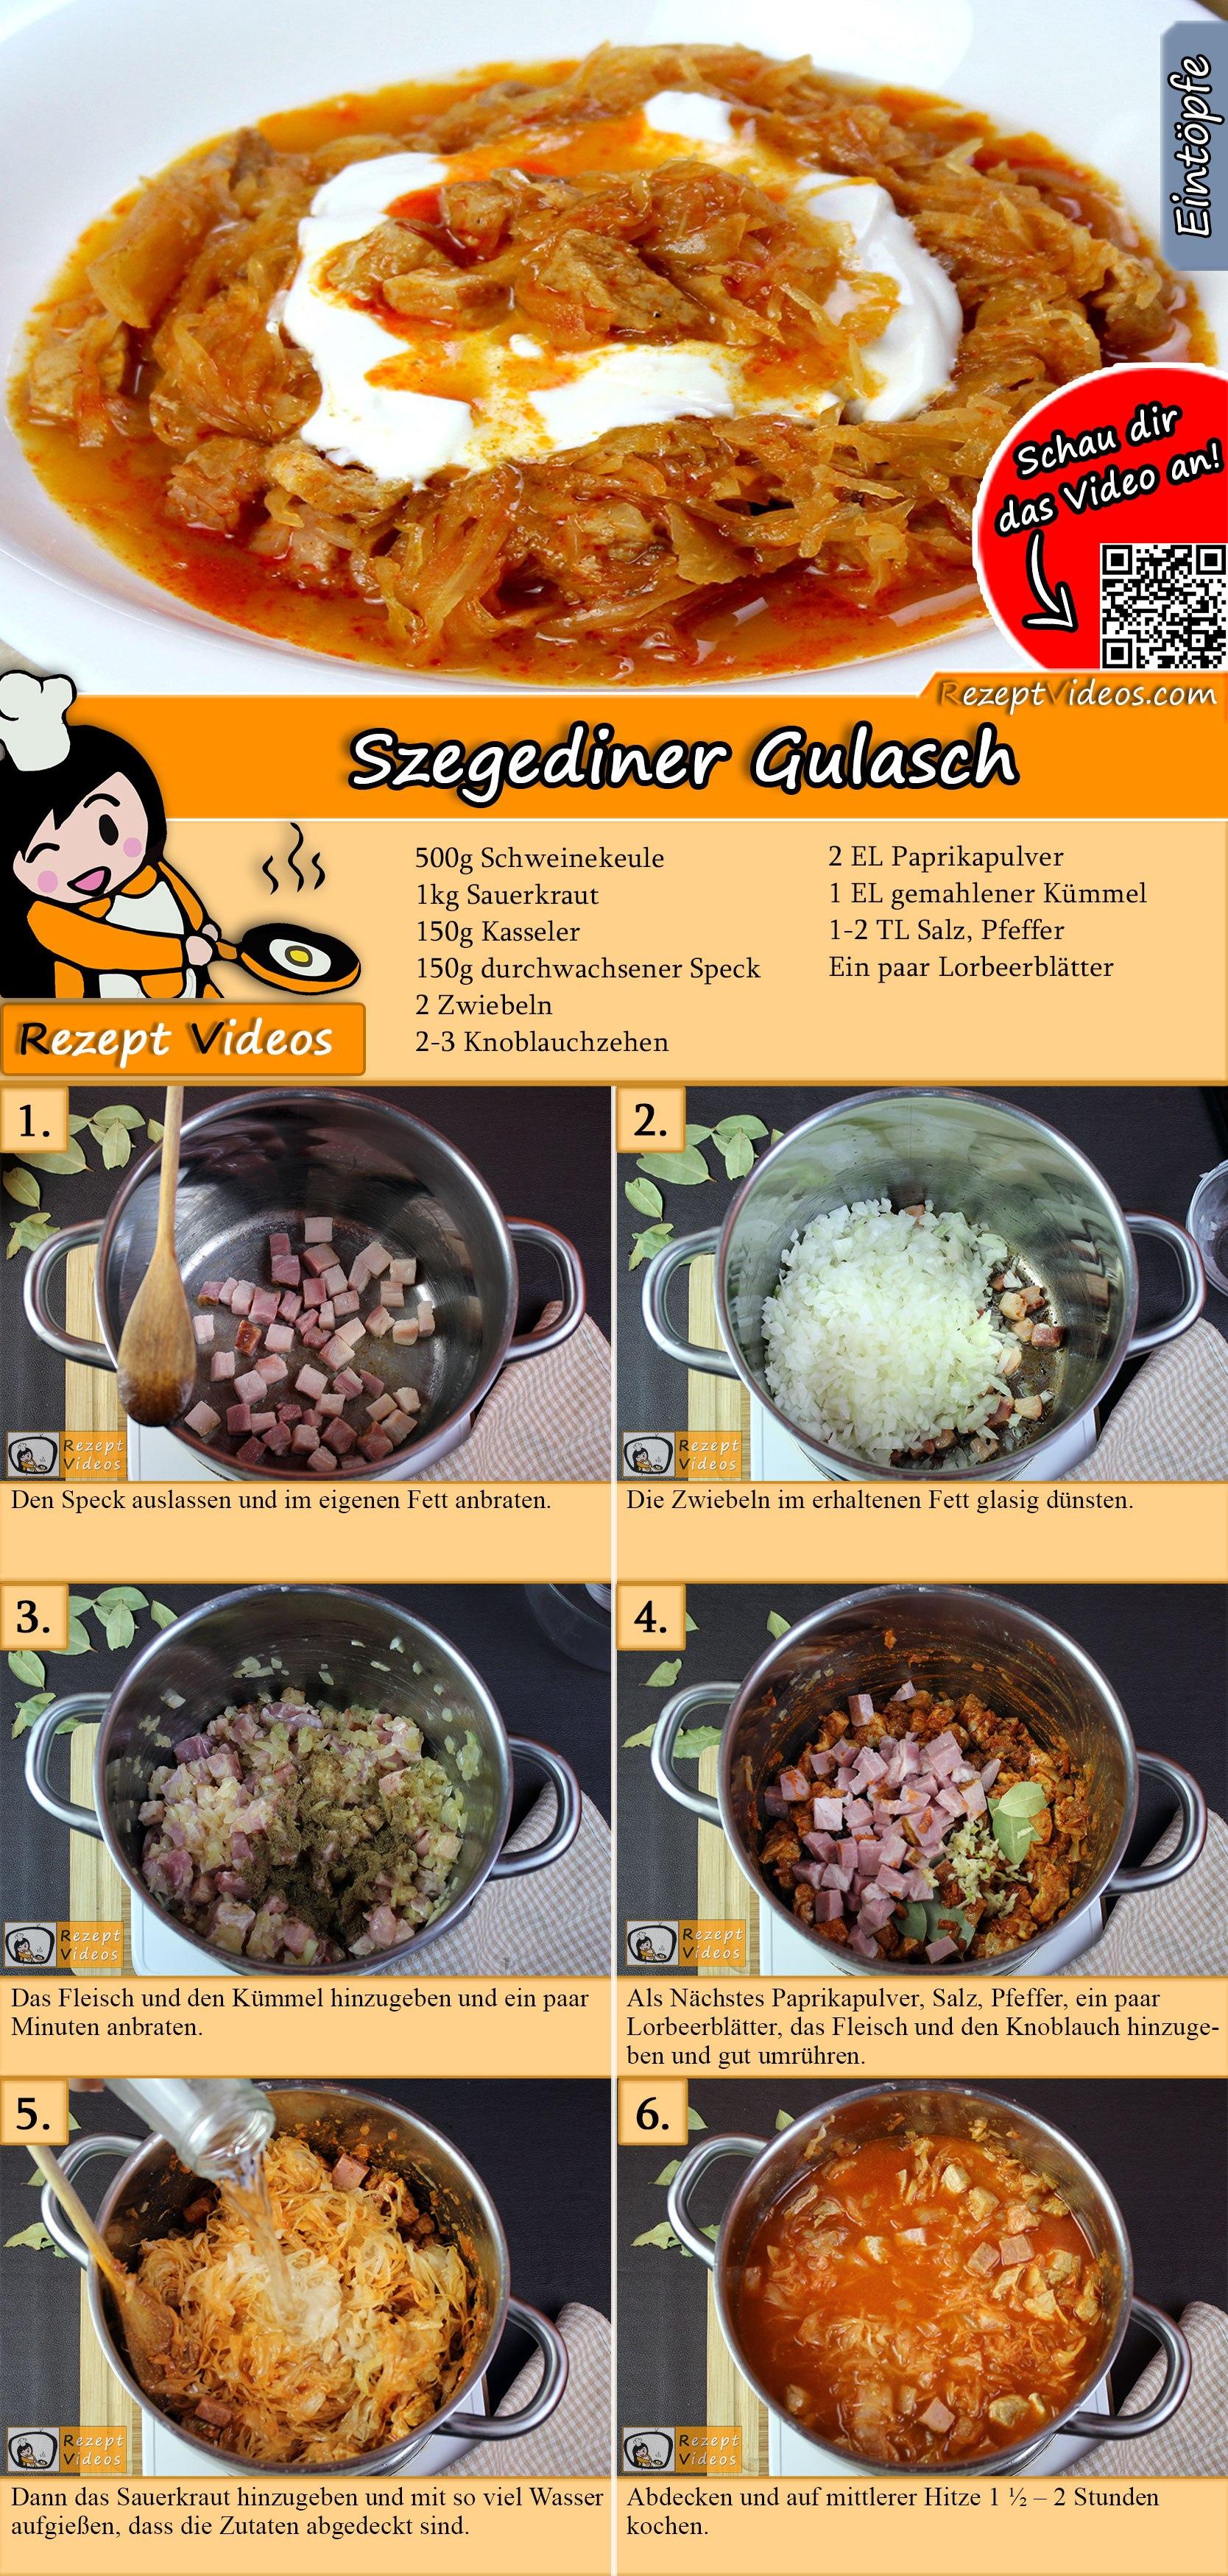 Szegediner Gulasch Rezept mit Video